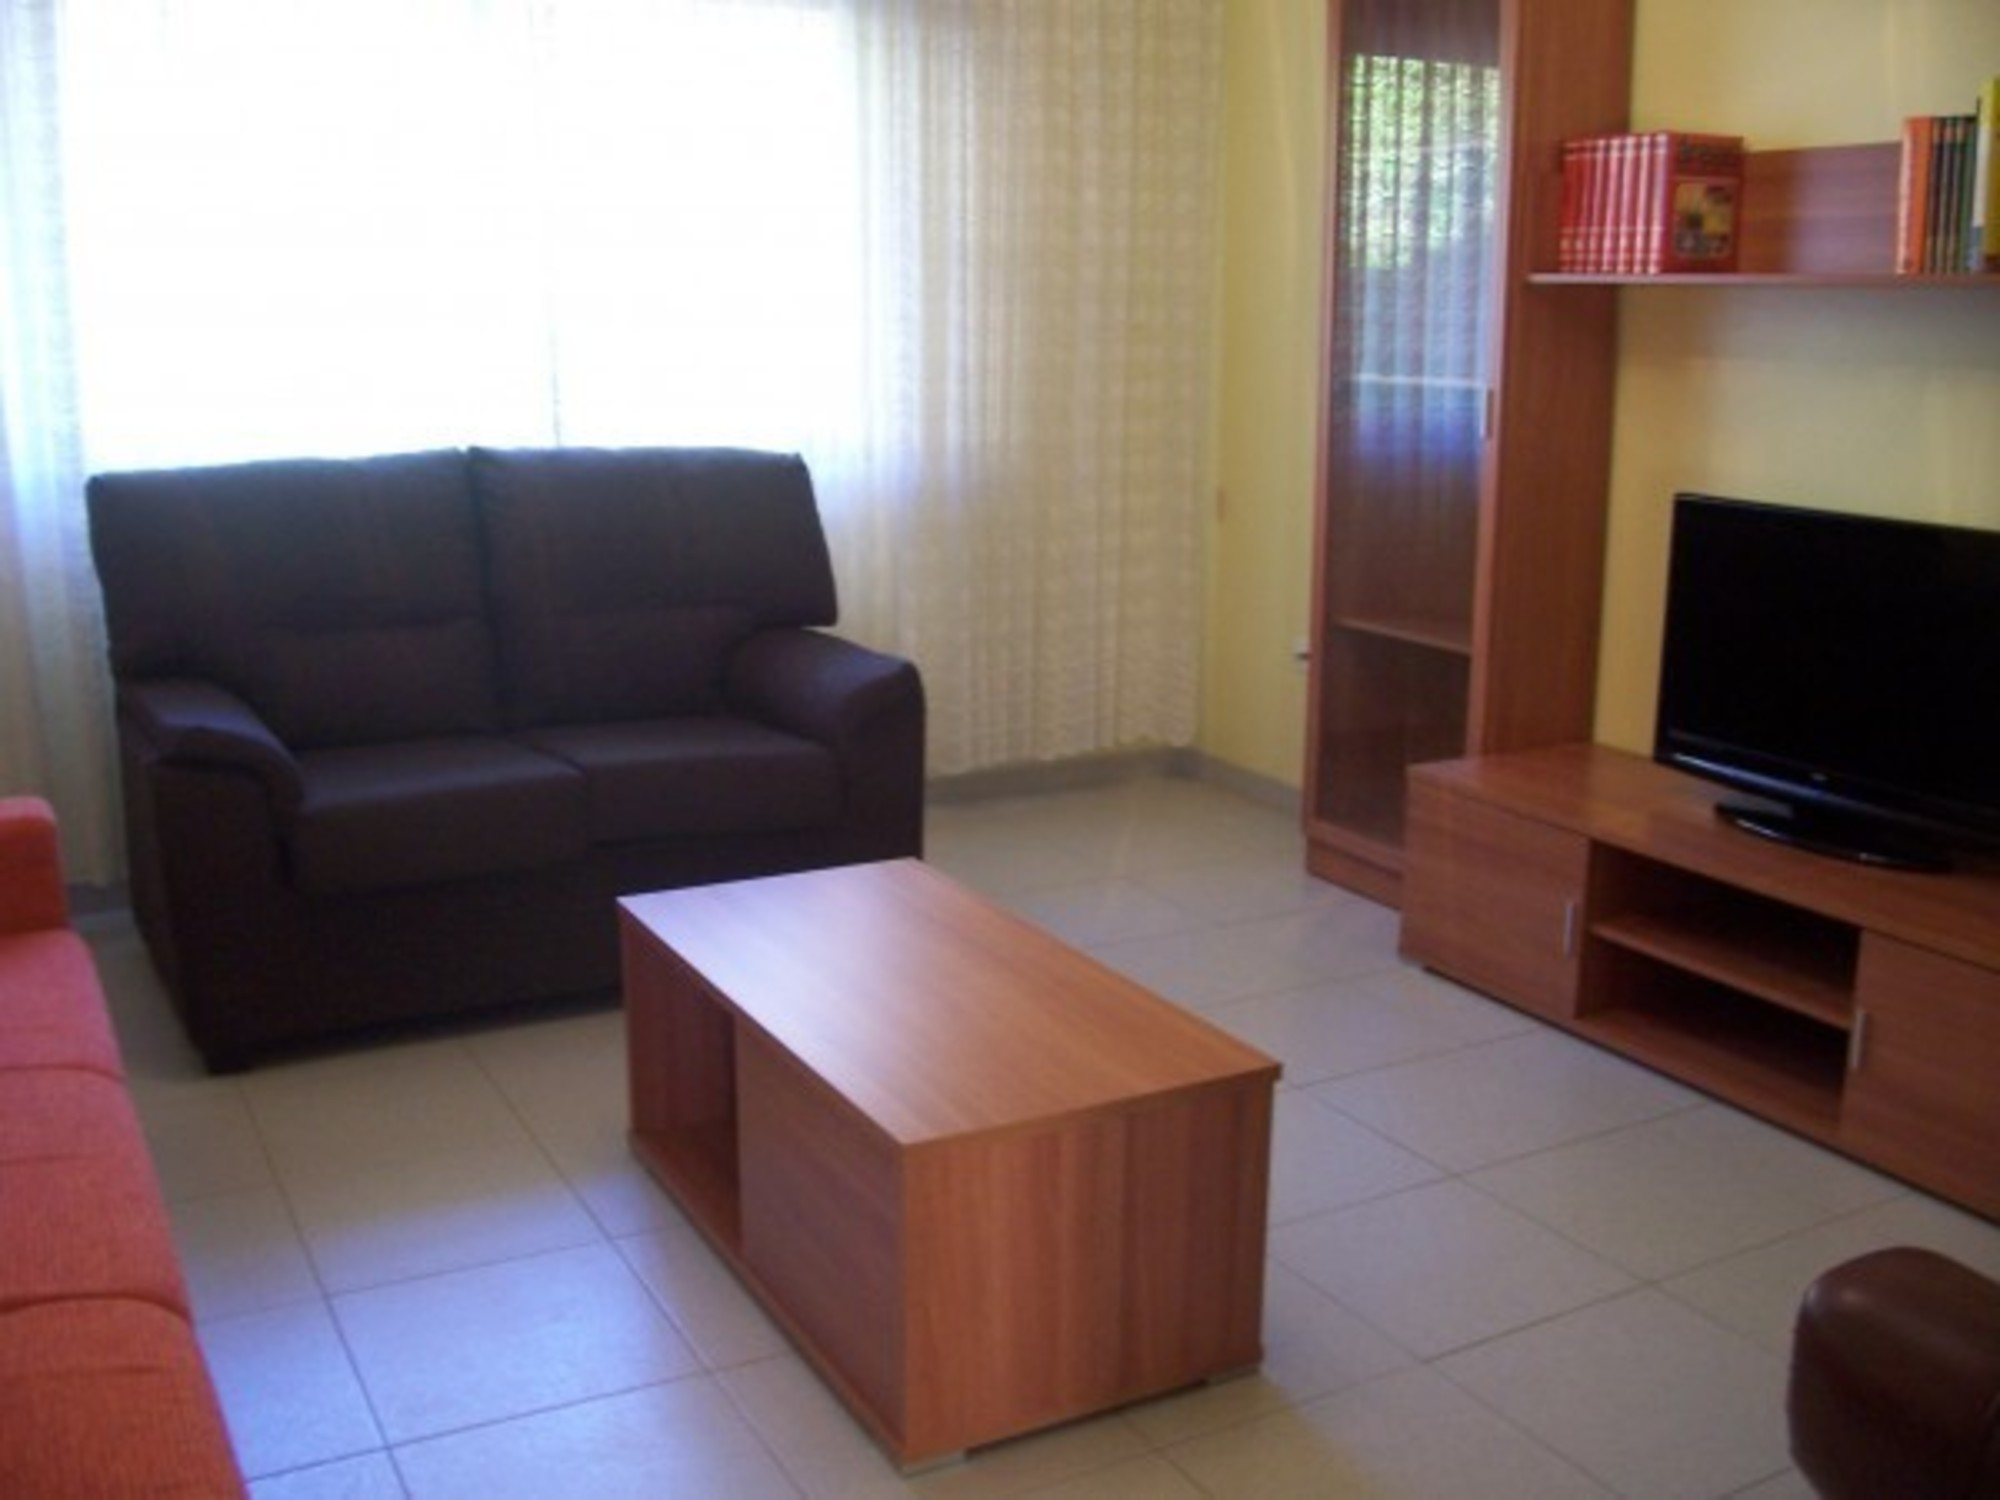 Ferienwohnung Apartment - 3 Bedrooms with WiFi - 100370 (1937622), Bon, Rias Bajas, Galicien, Spanien, Bild 2